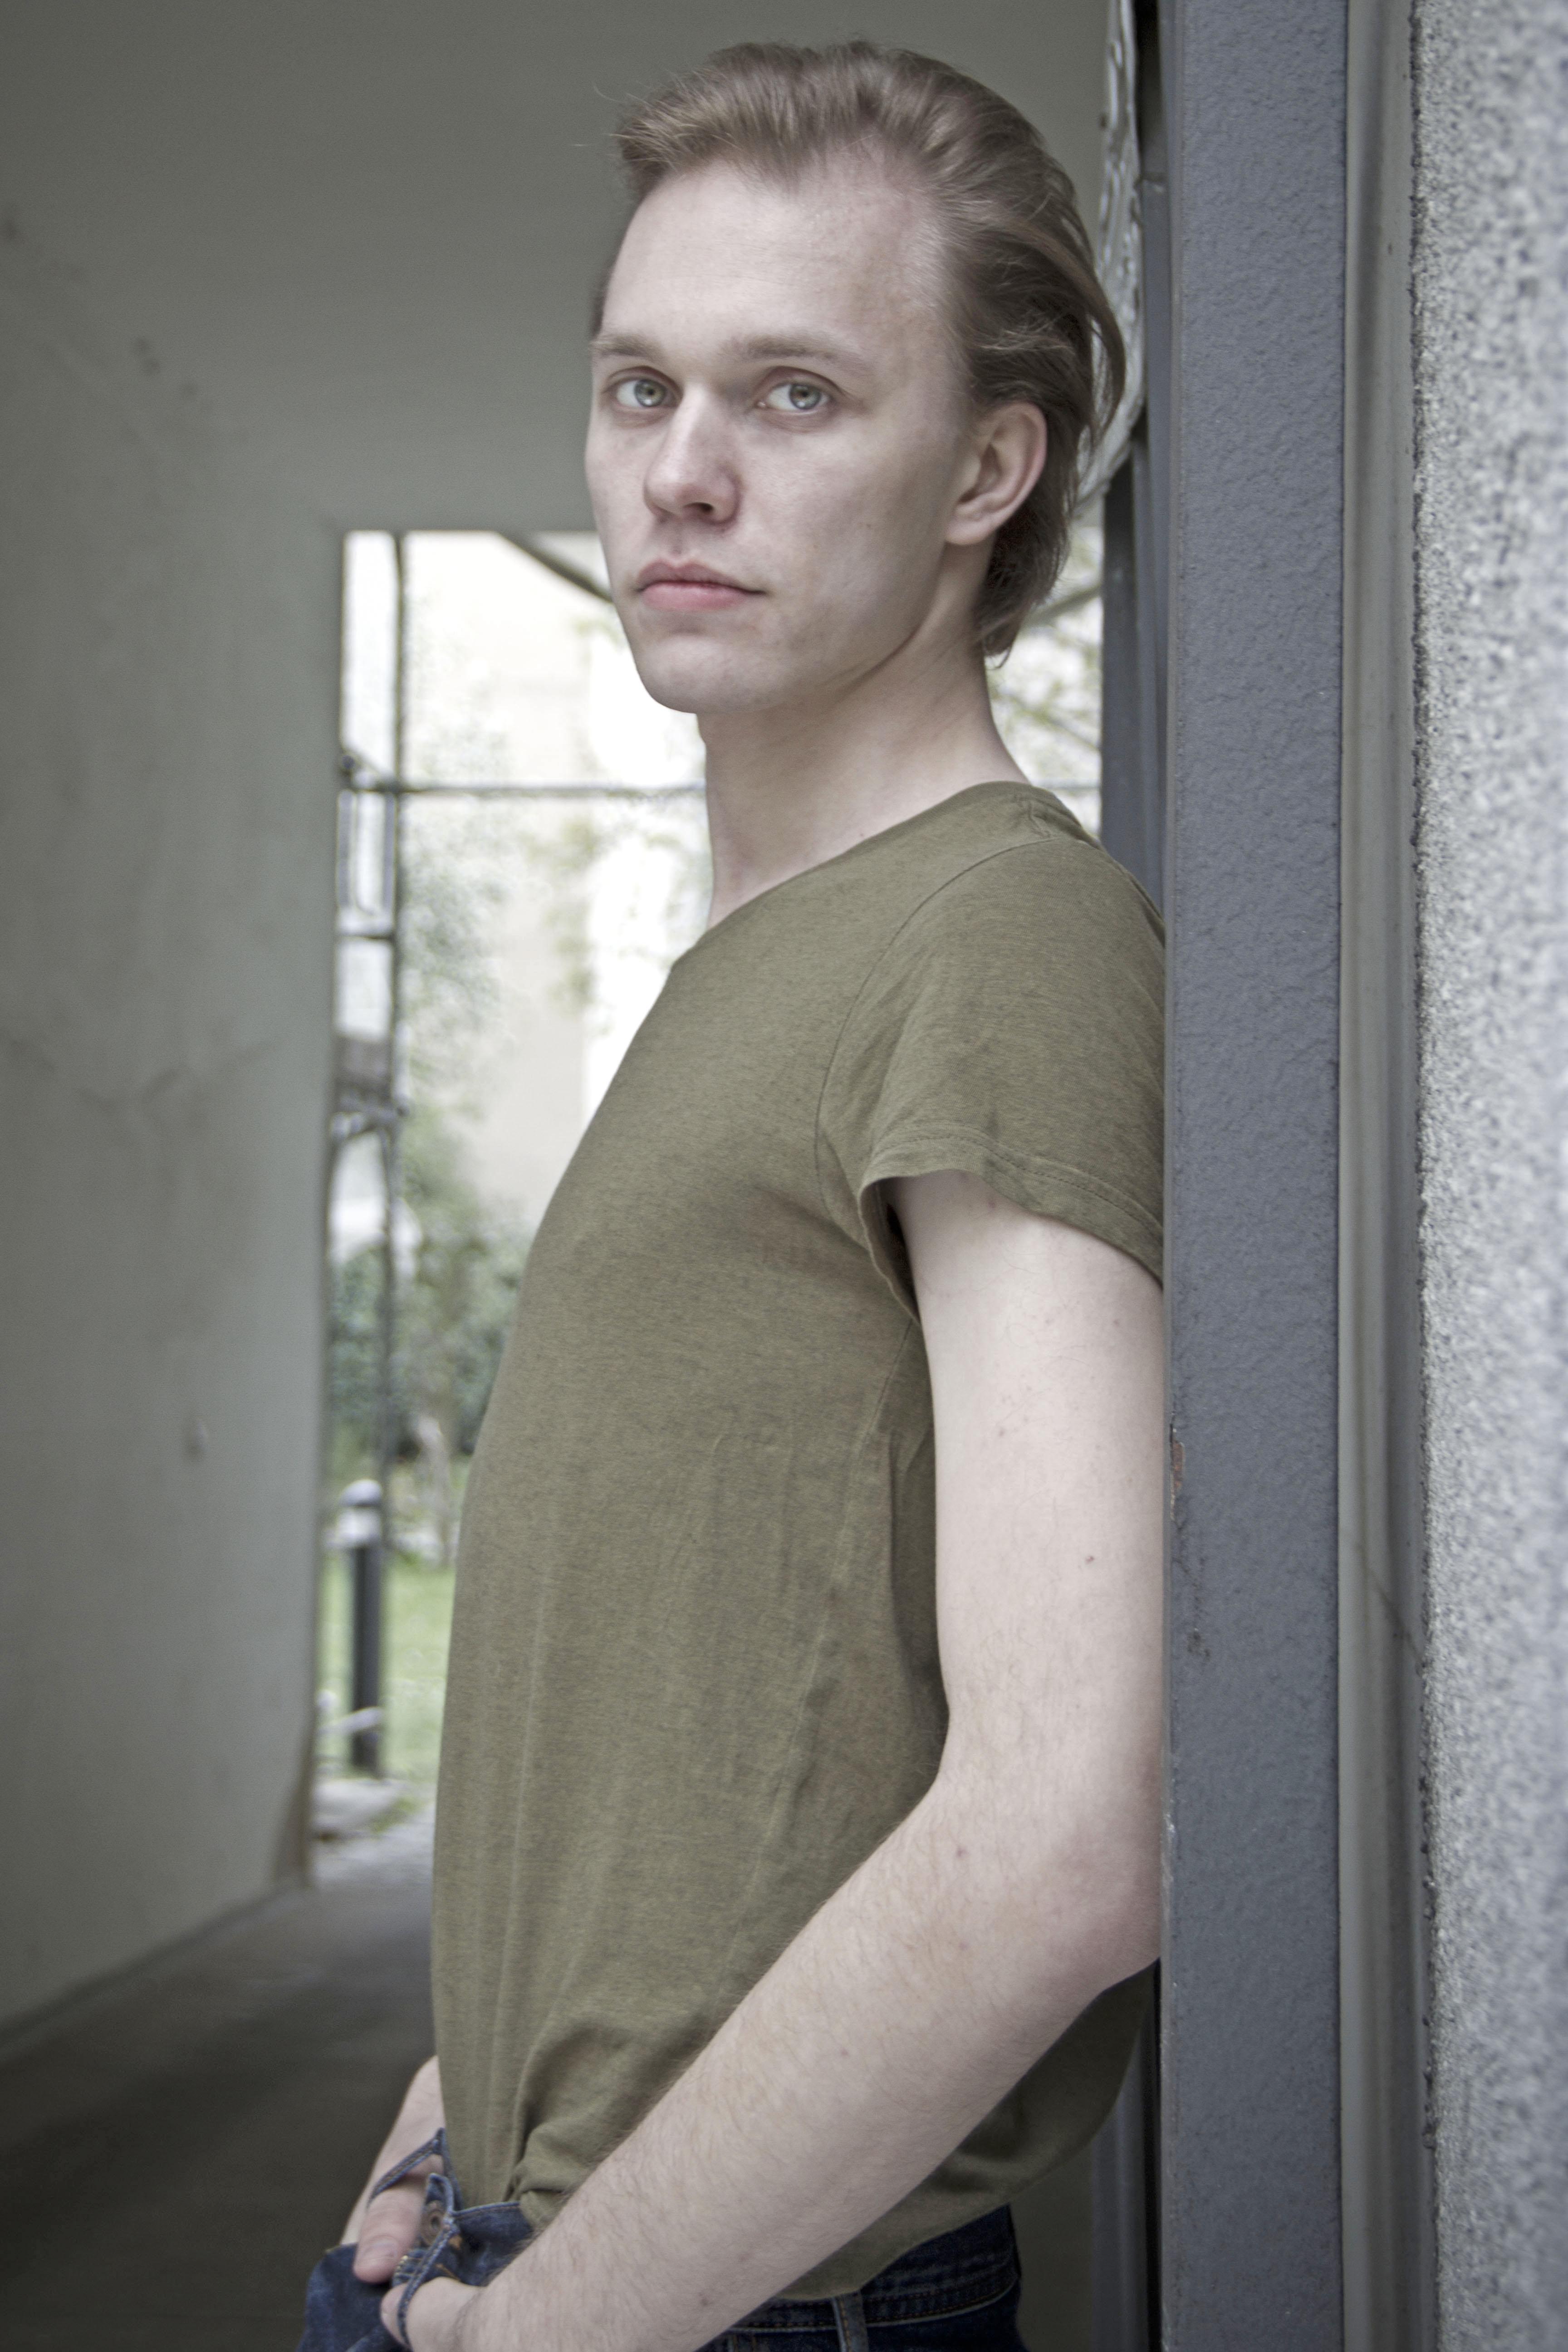 Tristan_Bumm_Actor_Gallery_9